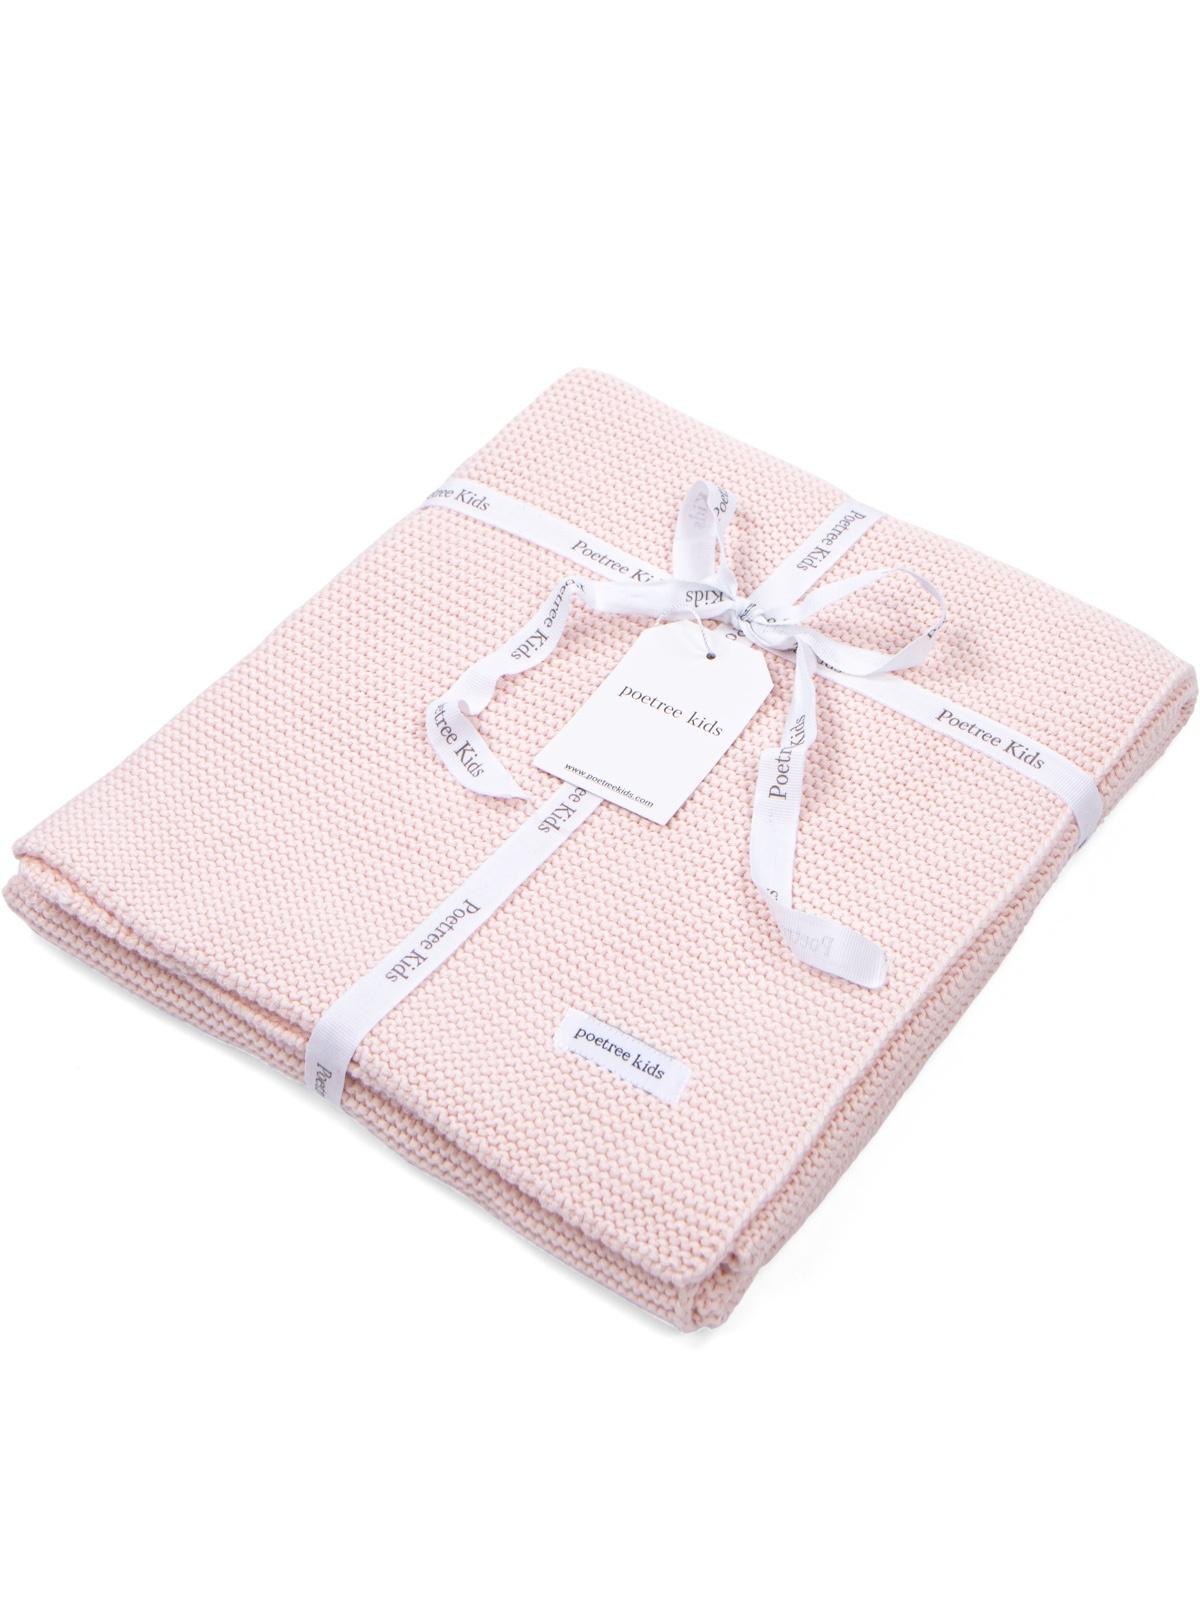 Ledikant deken katoen Poeder roze-2